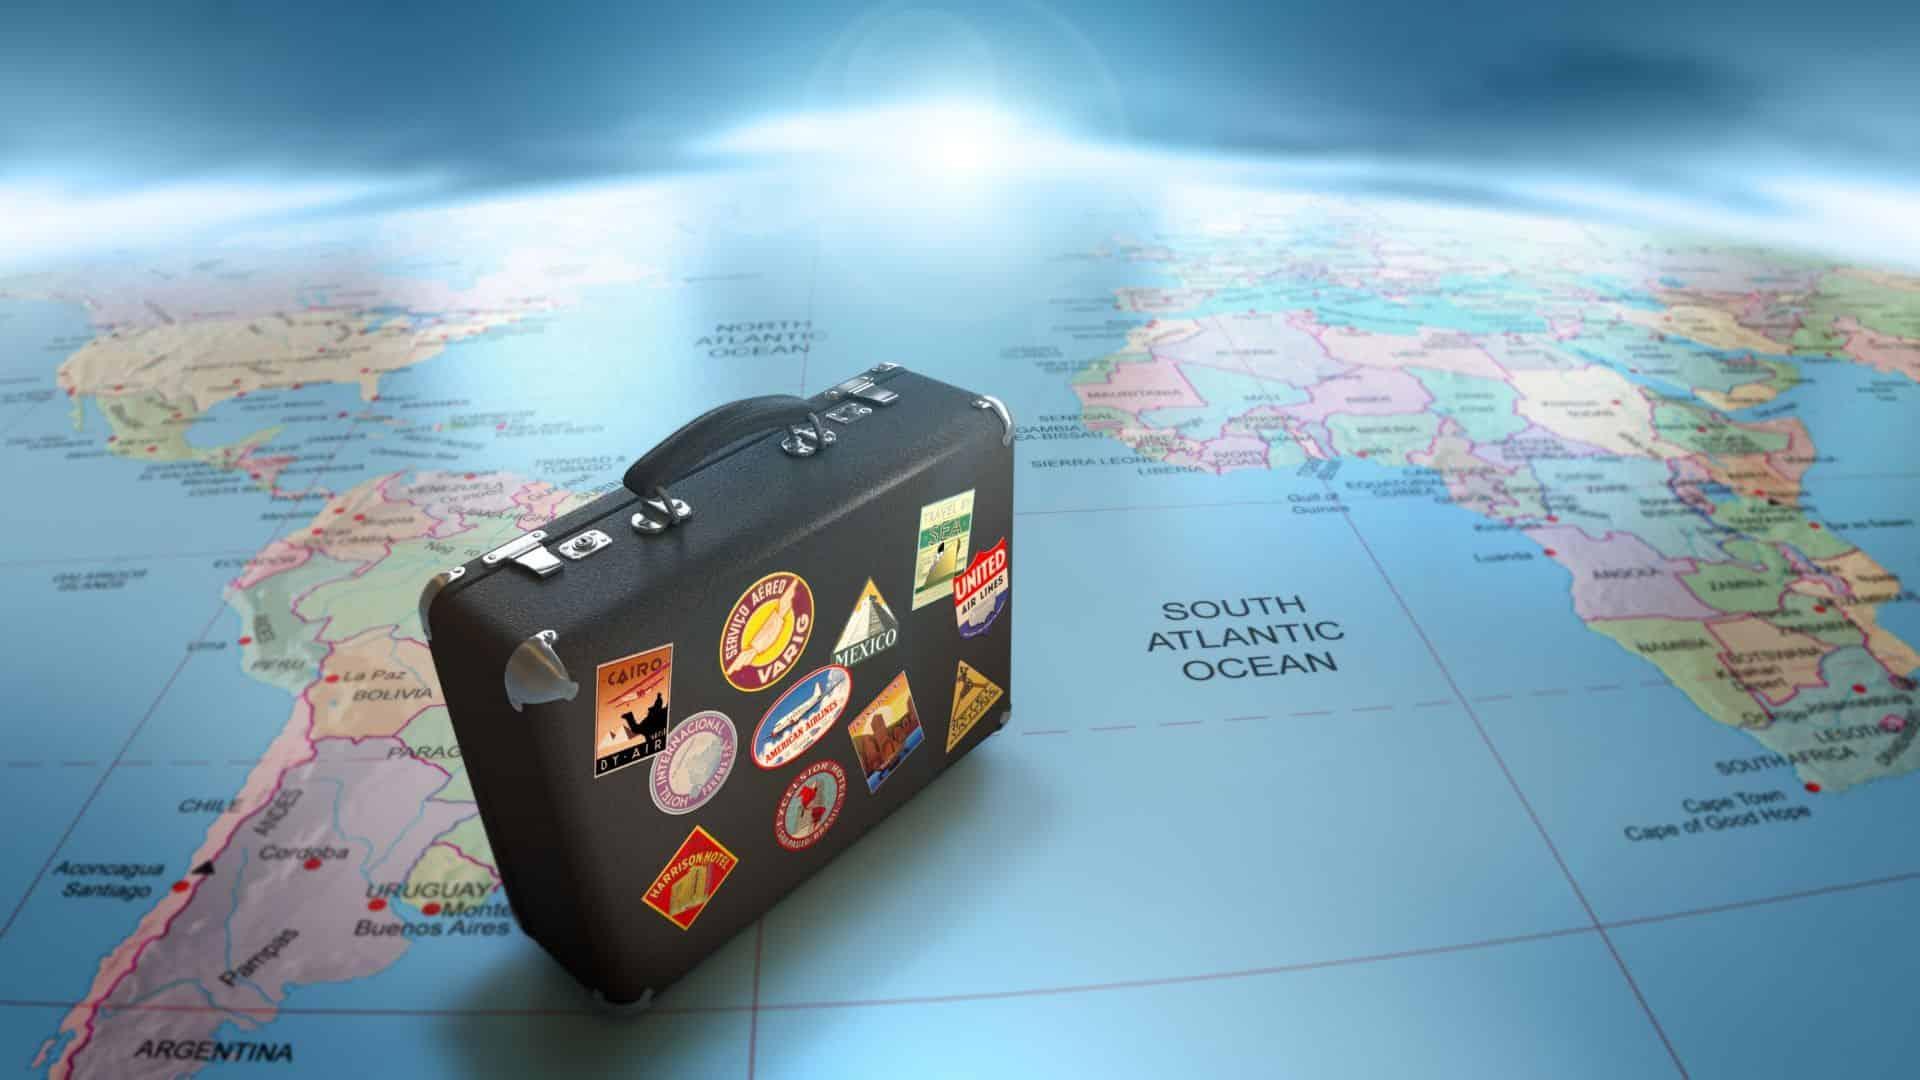 Aegon Vida- Me cubre el seguro de vida si vivo en el extranjero